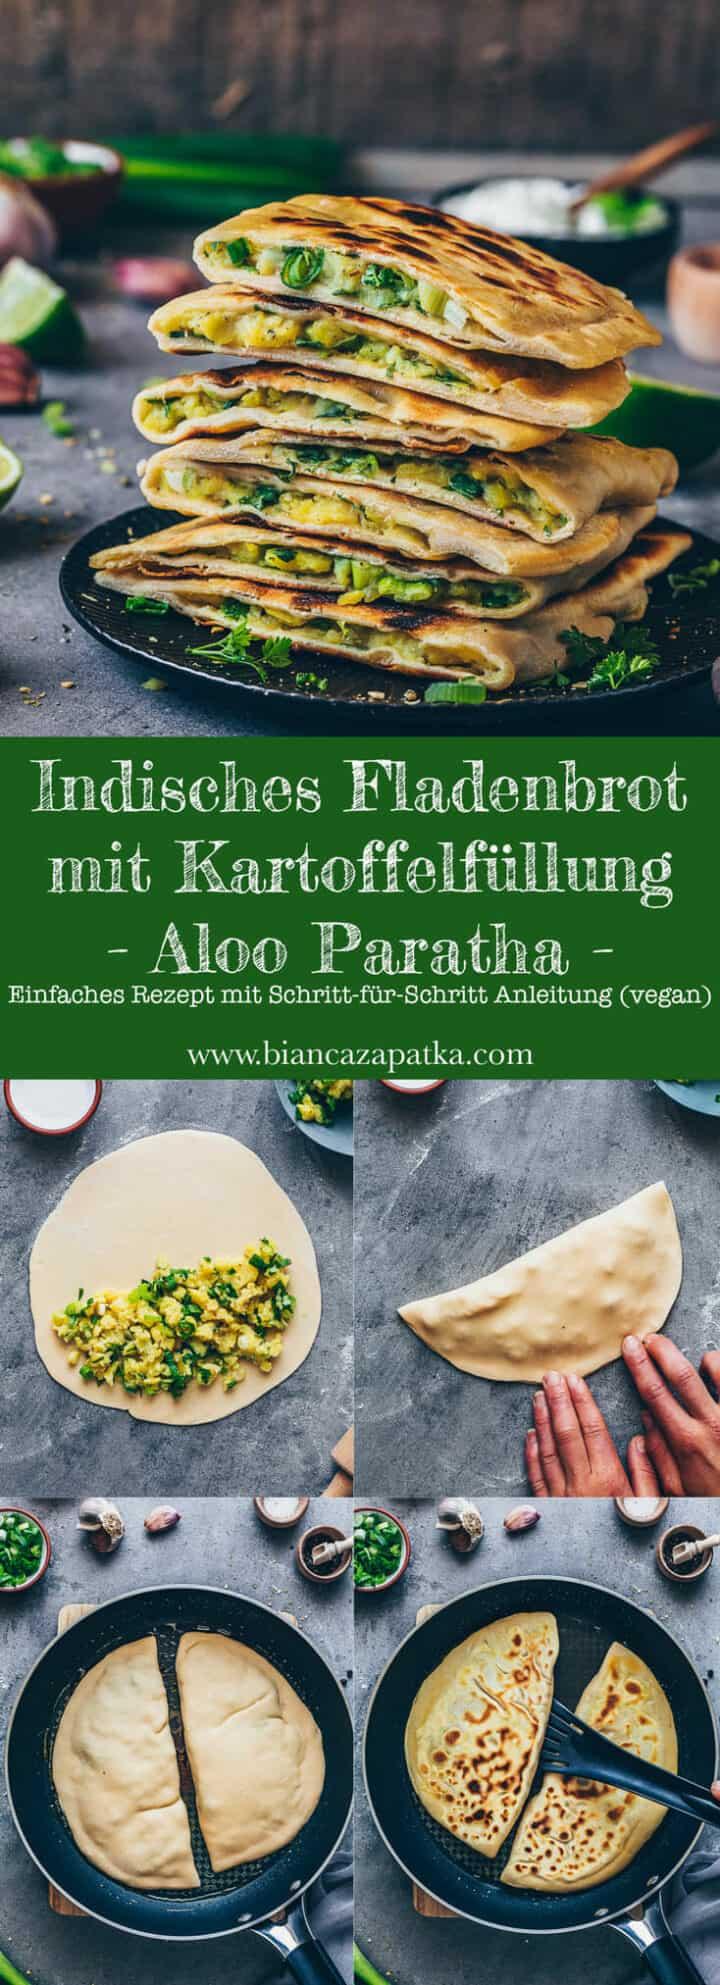 Indisches Fladenbrot mit Kartoffelfüllung (Pfannenbrot) | Aloo Paratha